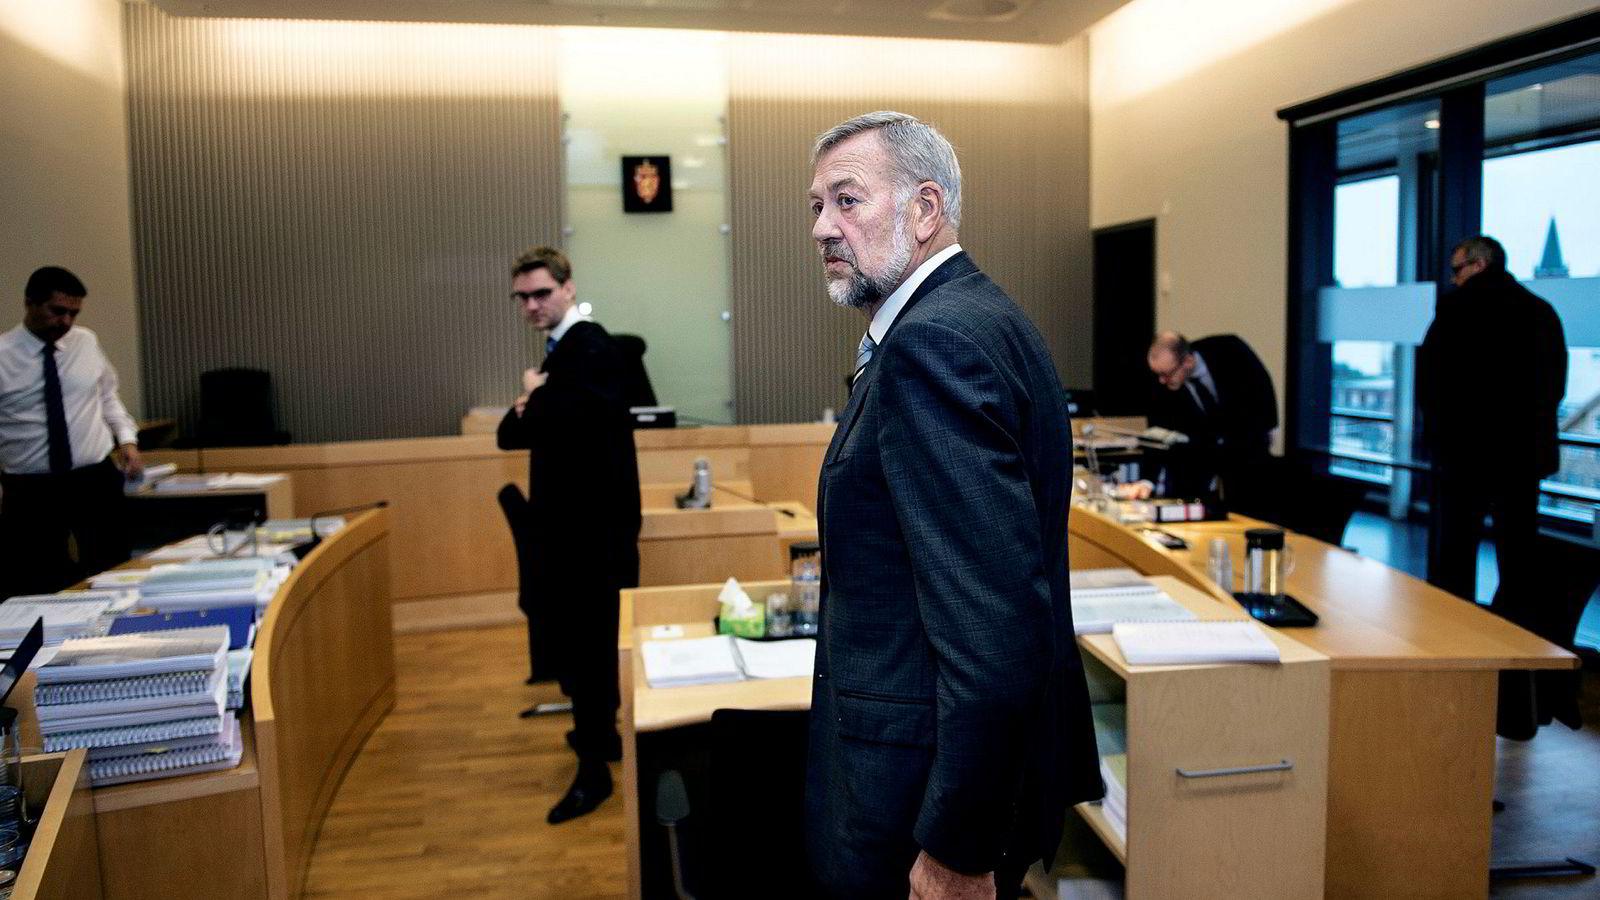 Den sørlandske oljegründeren Bjarne Skeie betegnet i Jæren tingrett skattesaken som forferdelig for ham. Han har for øvrig ikke villet uttale seg i pressen om saken.